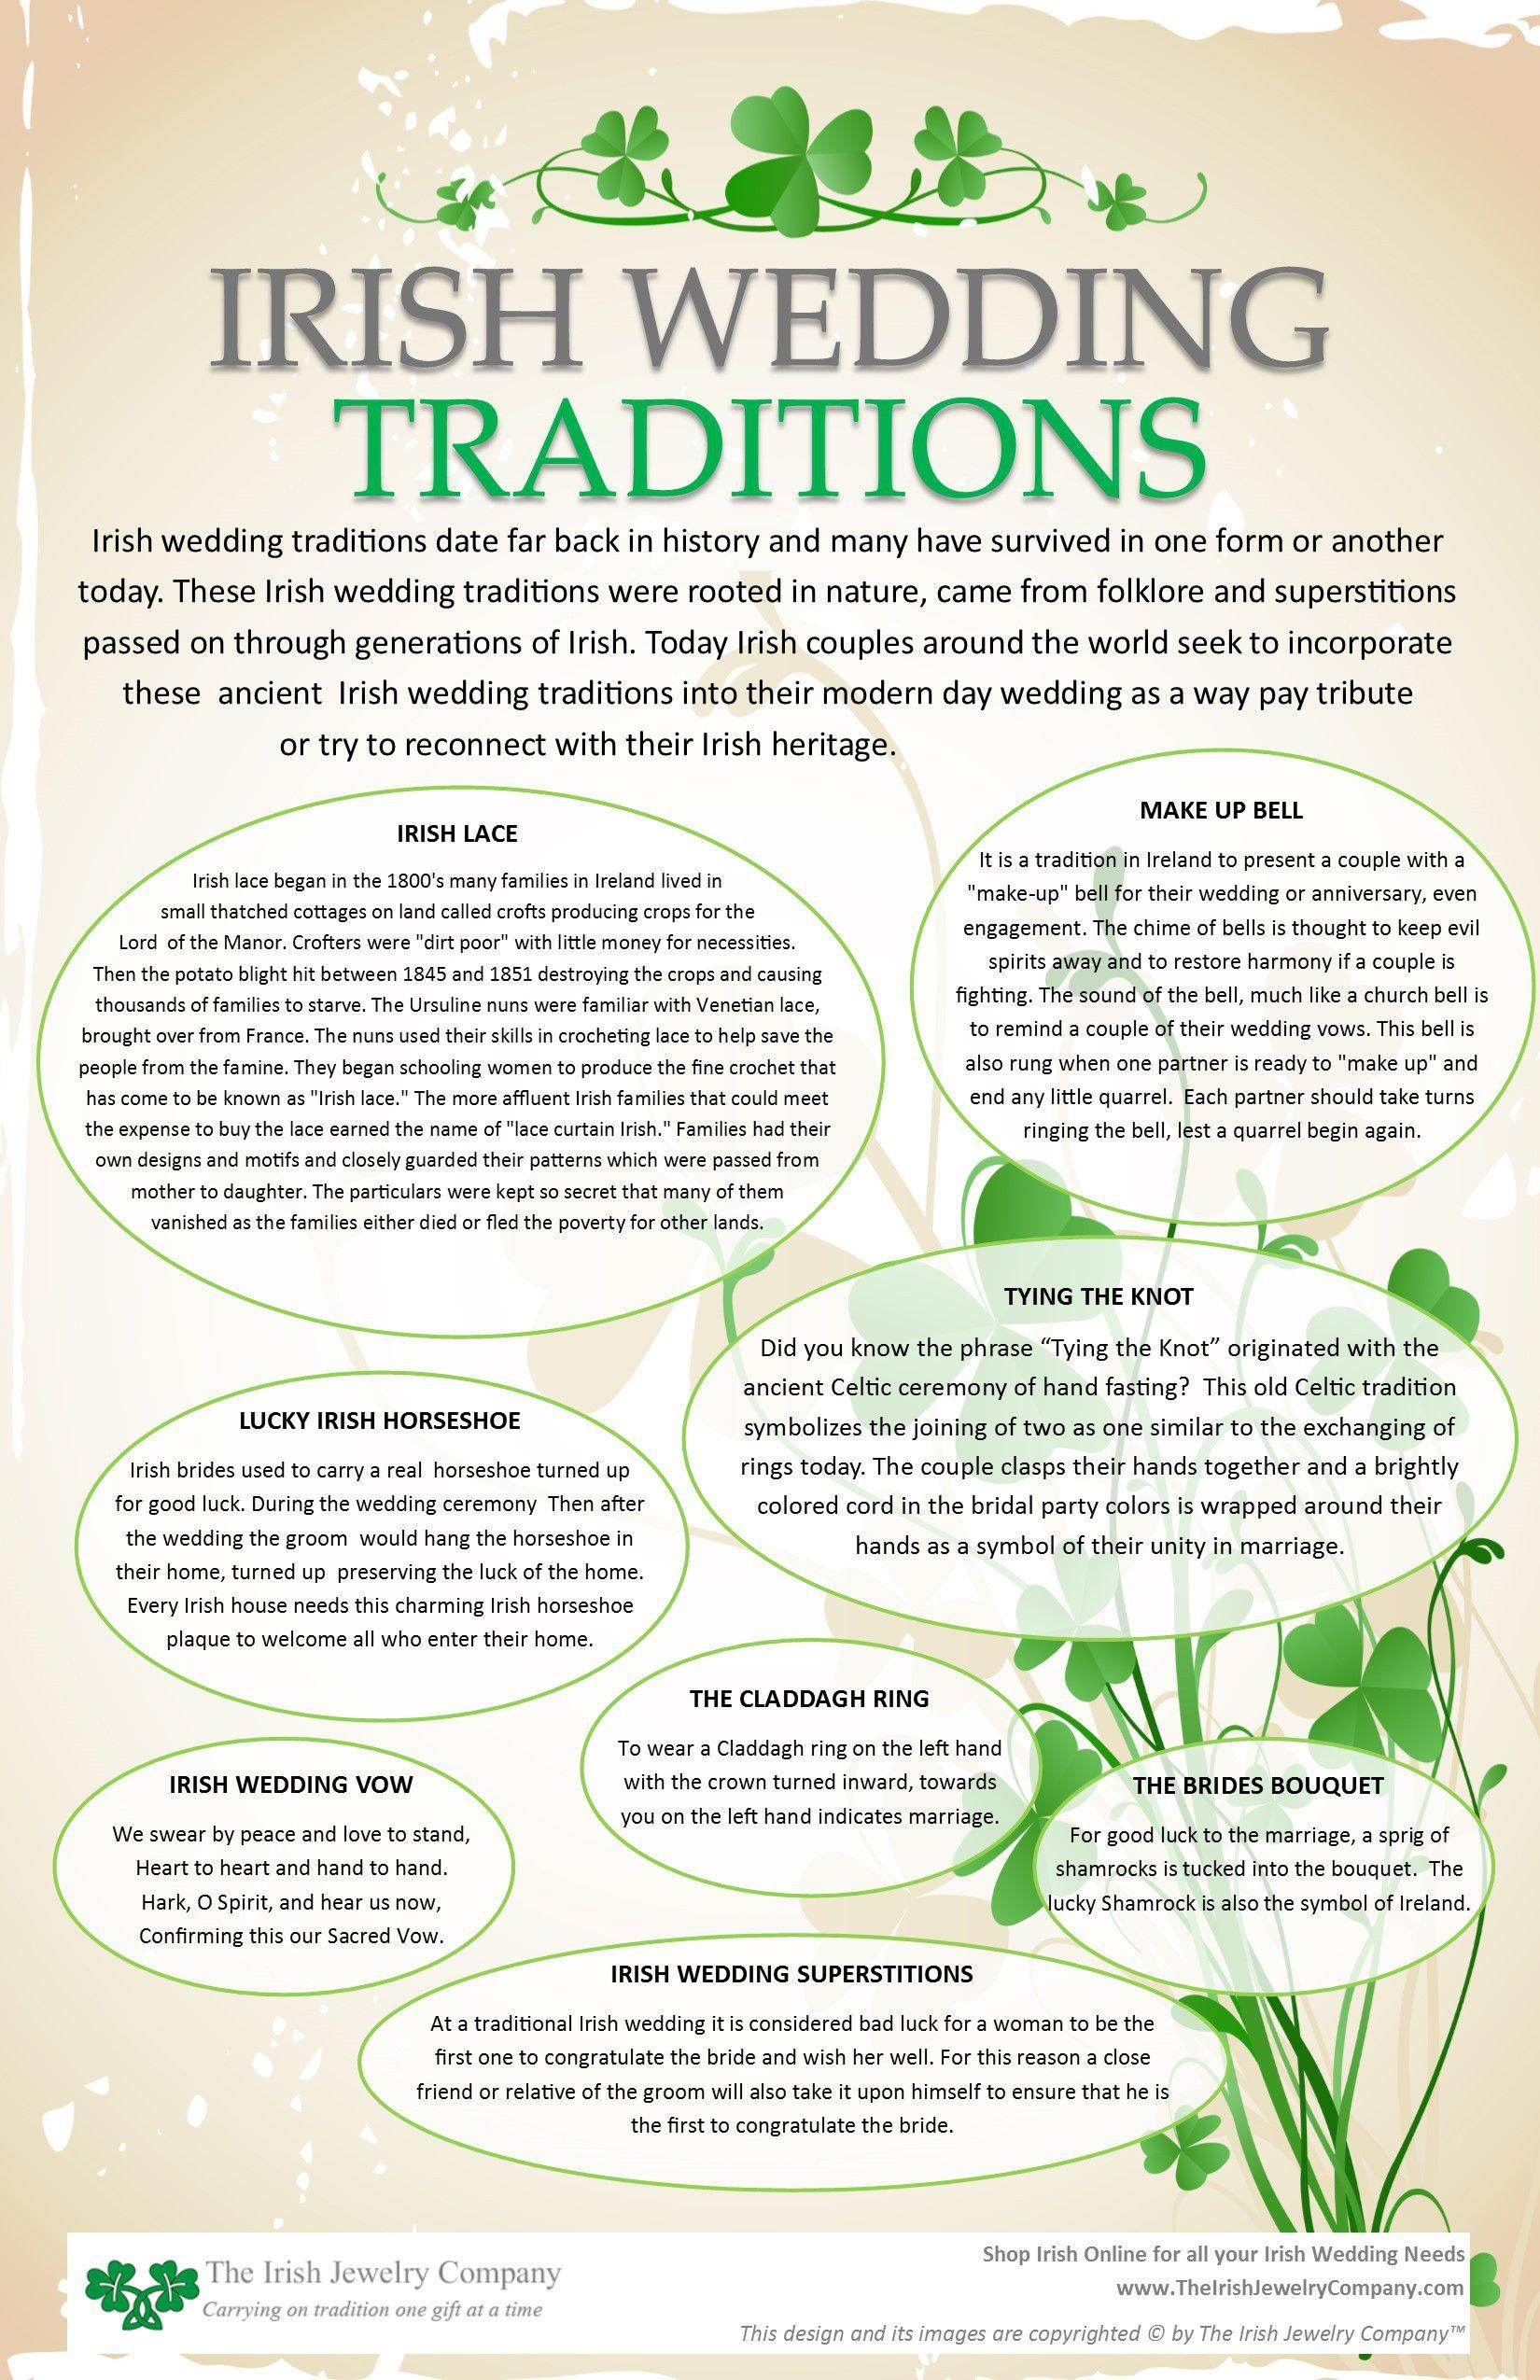 Irish Wedding Traditions | Irish wedding traditions, Ireland and Wedding